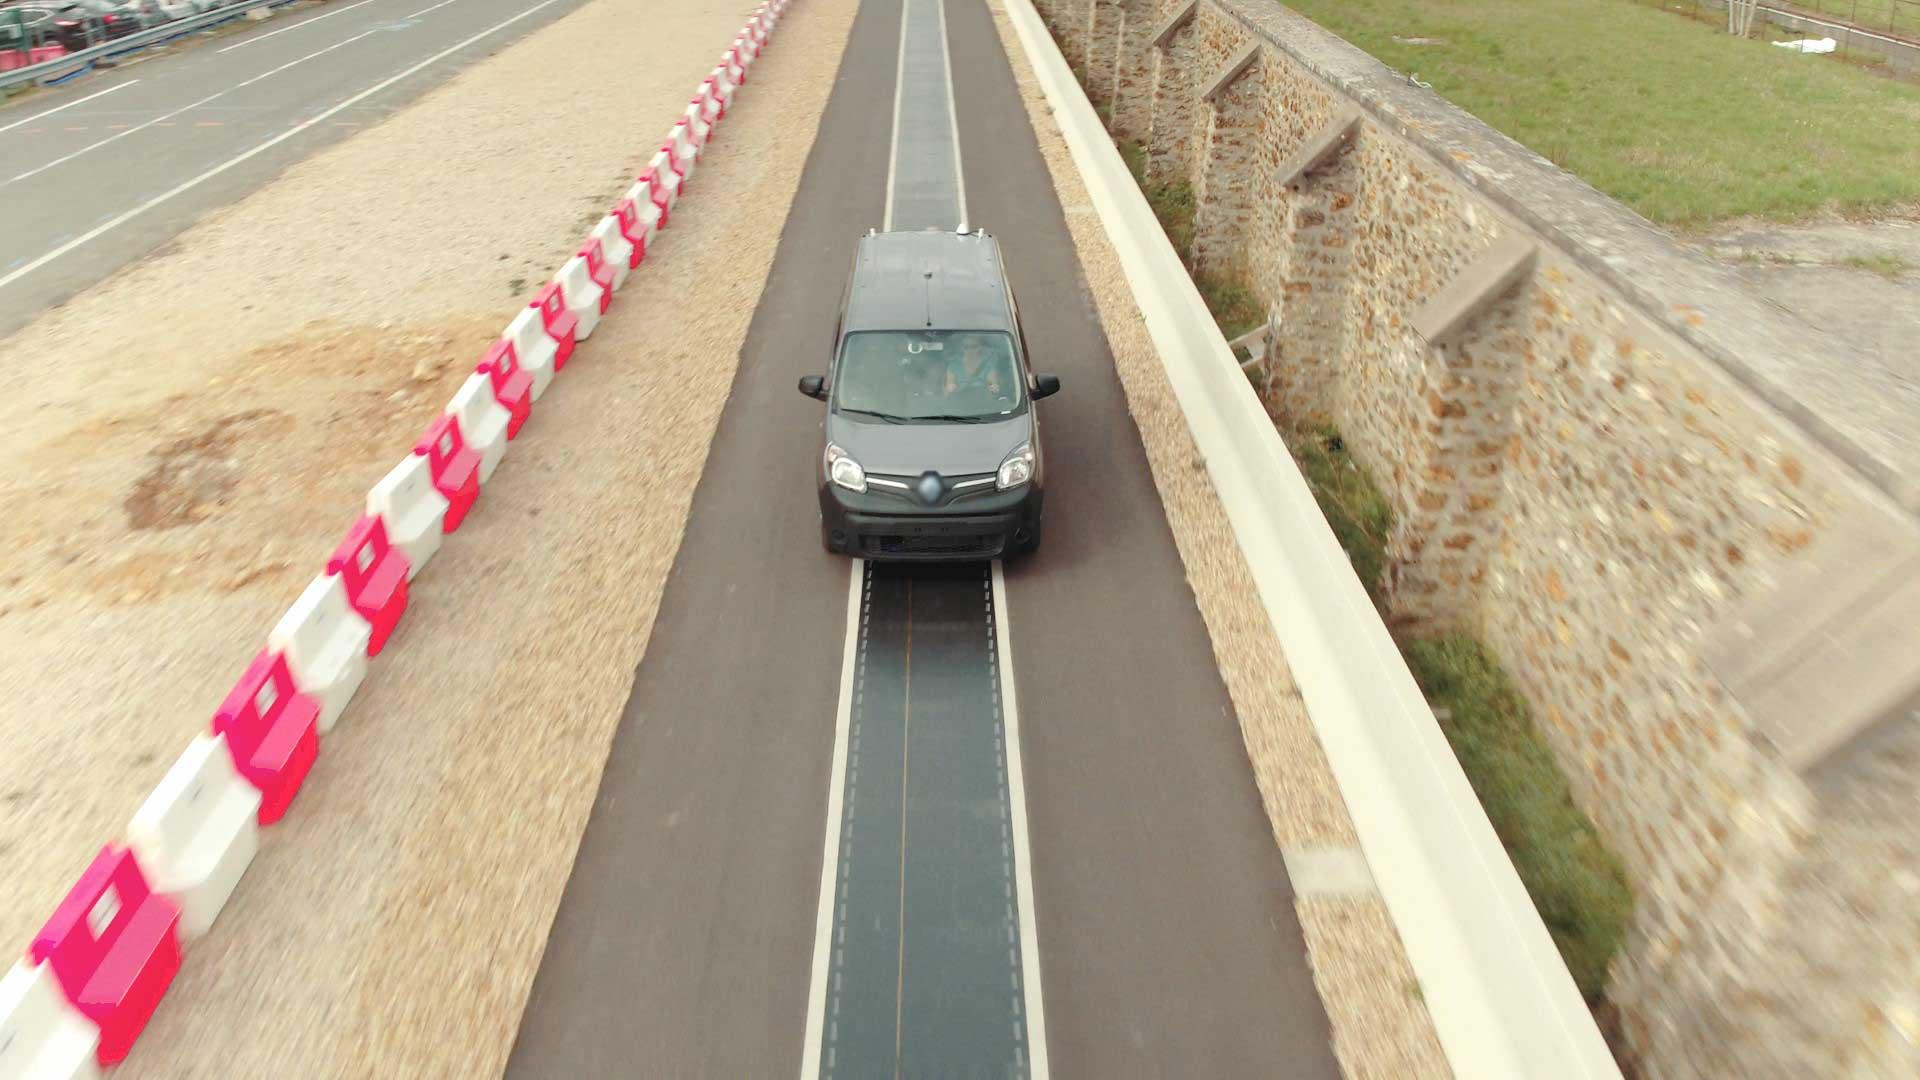 Дорожная полоса с индукционными плитами для беспроводной зарядки электромобилей